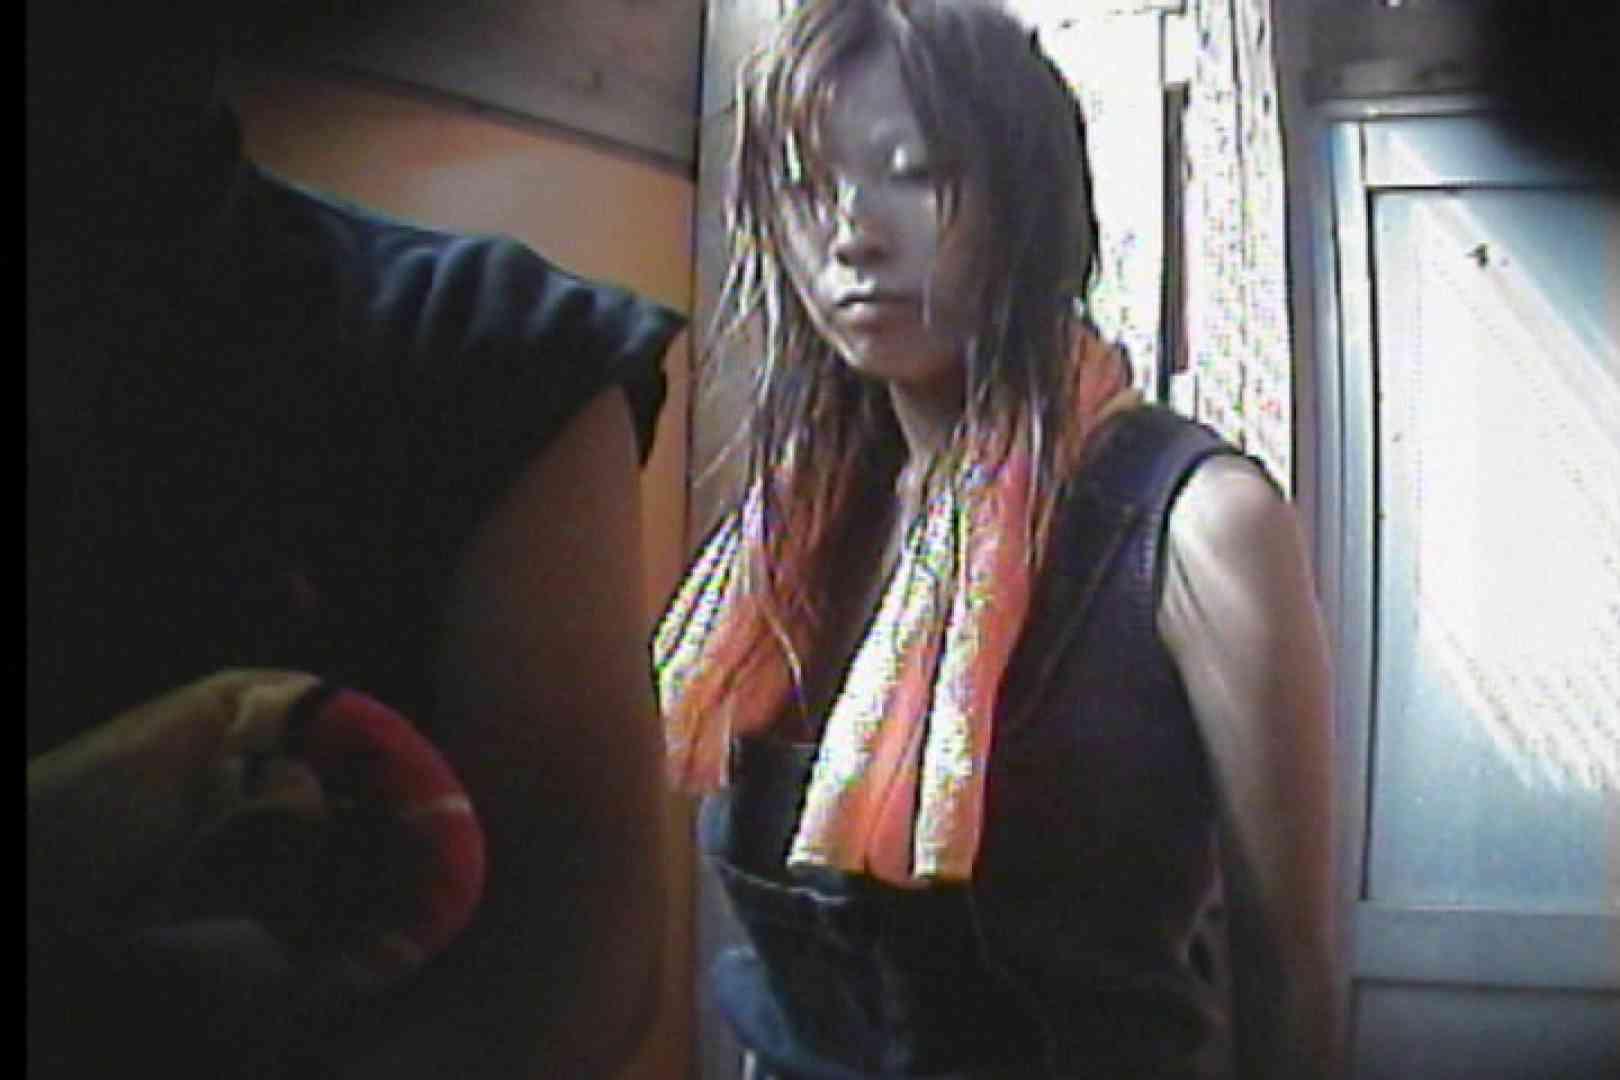 海の家の更衣室 Vol.47 OLの実態 盗撮おまんこ無修正動画無料 95pic 23